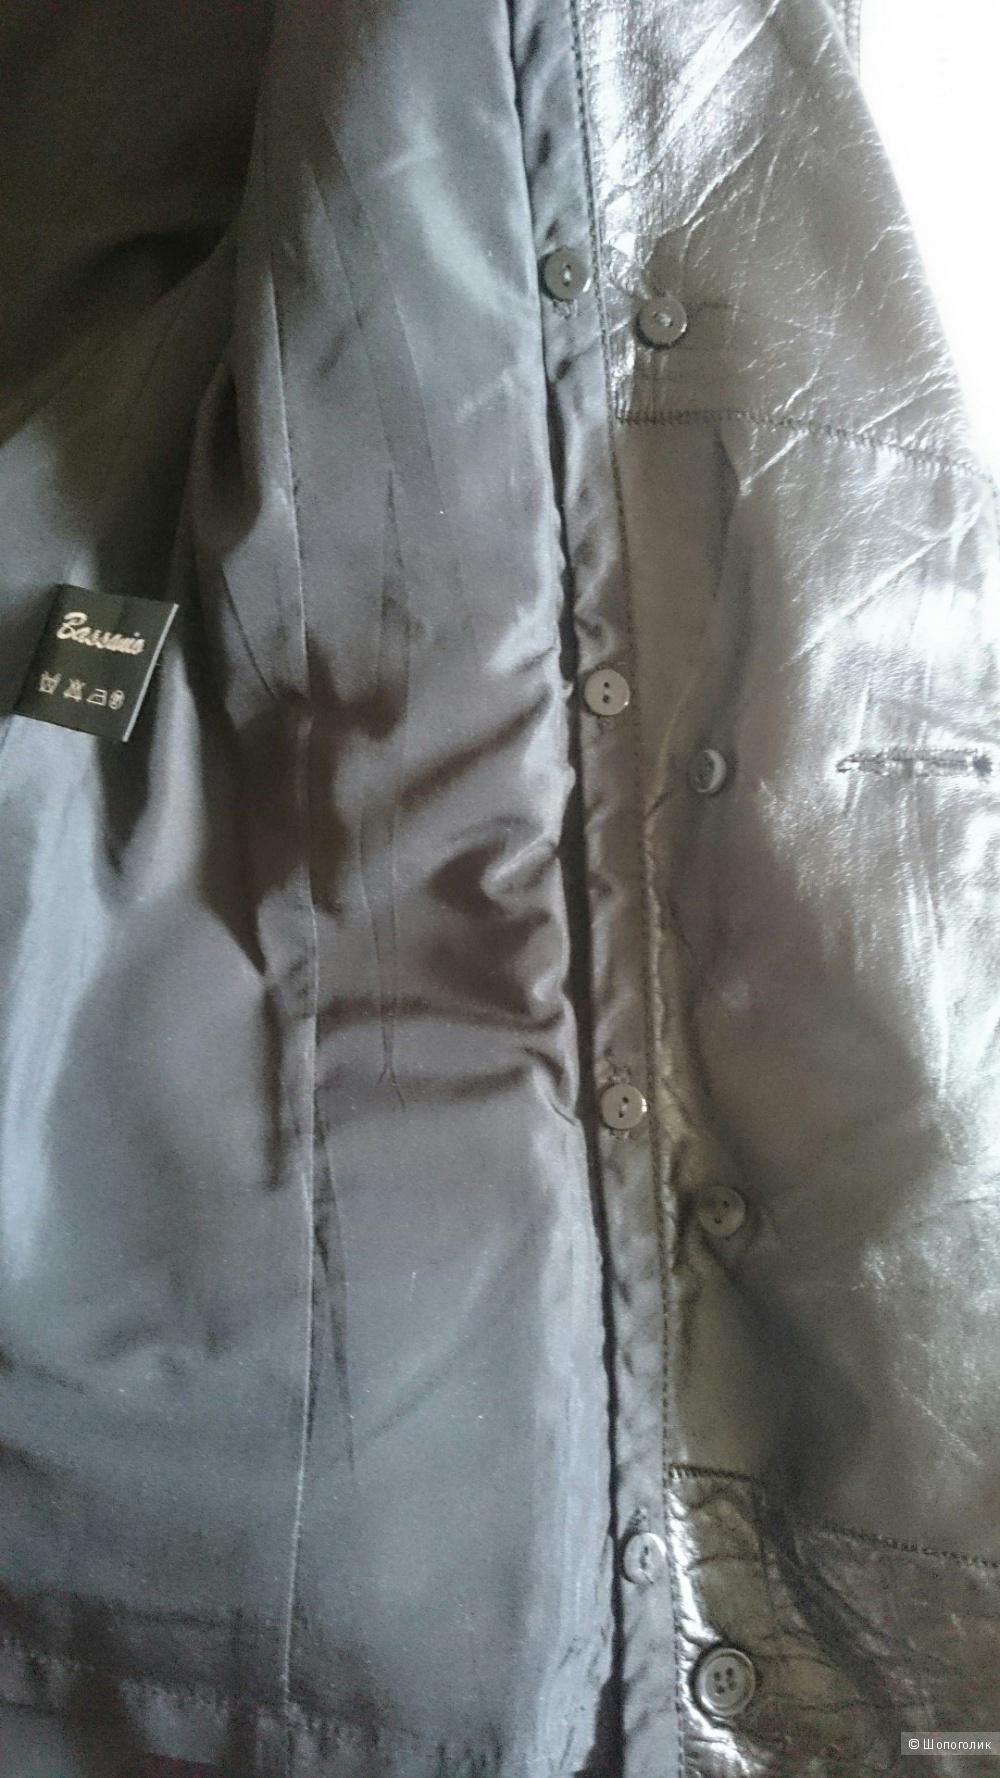 Кожаное пальто Bassanio Осень+Зима с меховой подкладкой размер 42/44